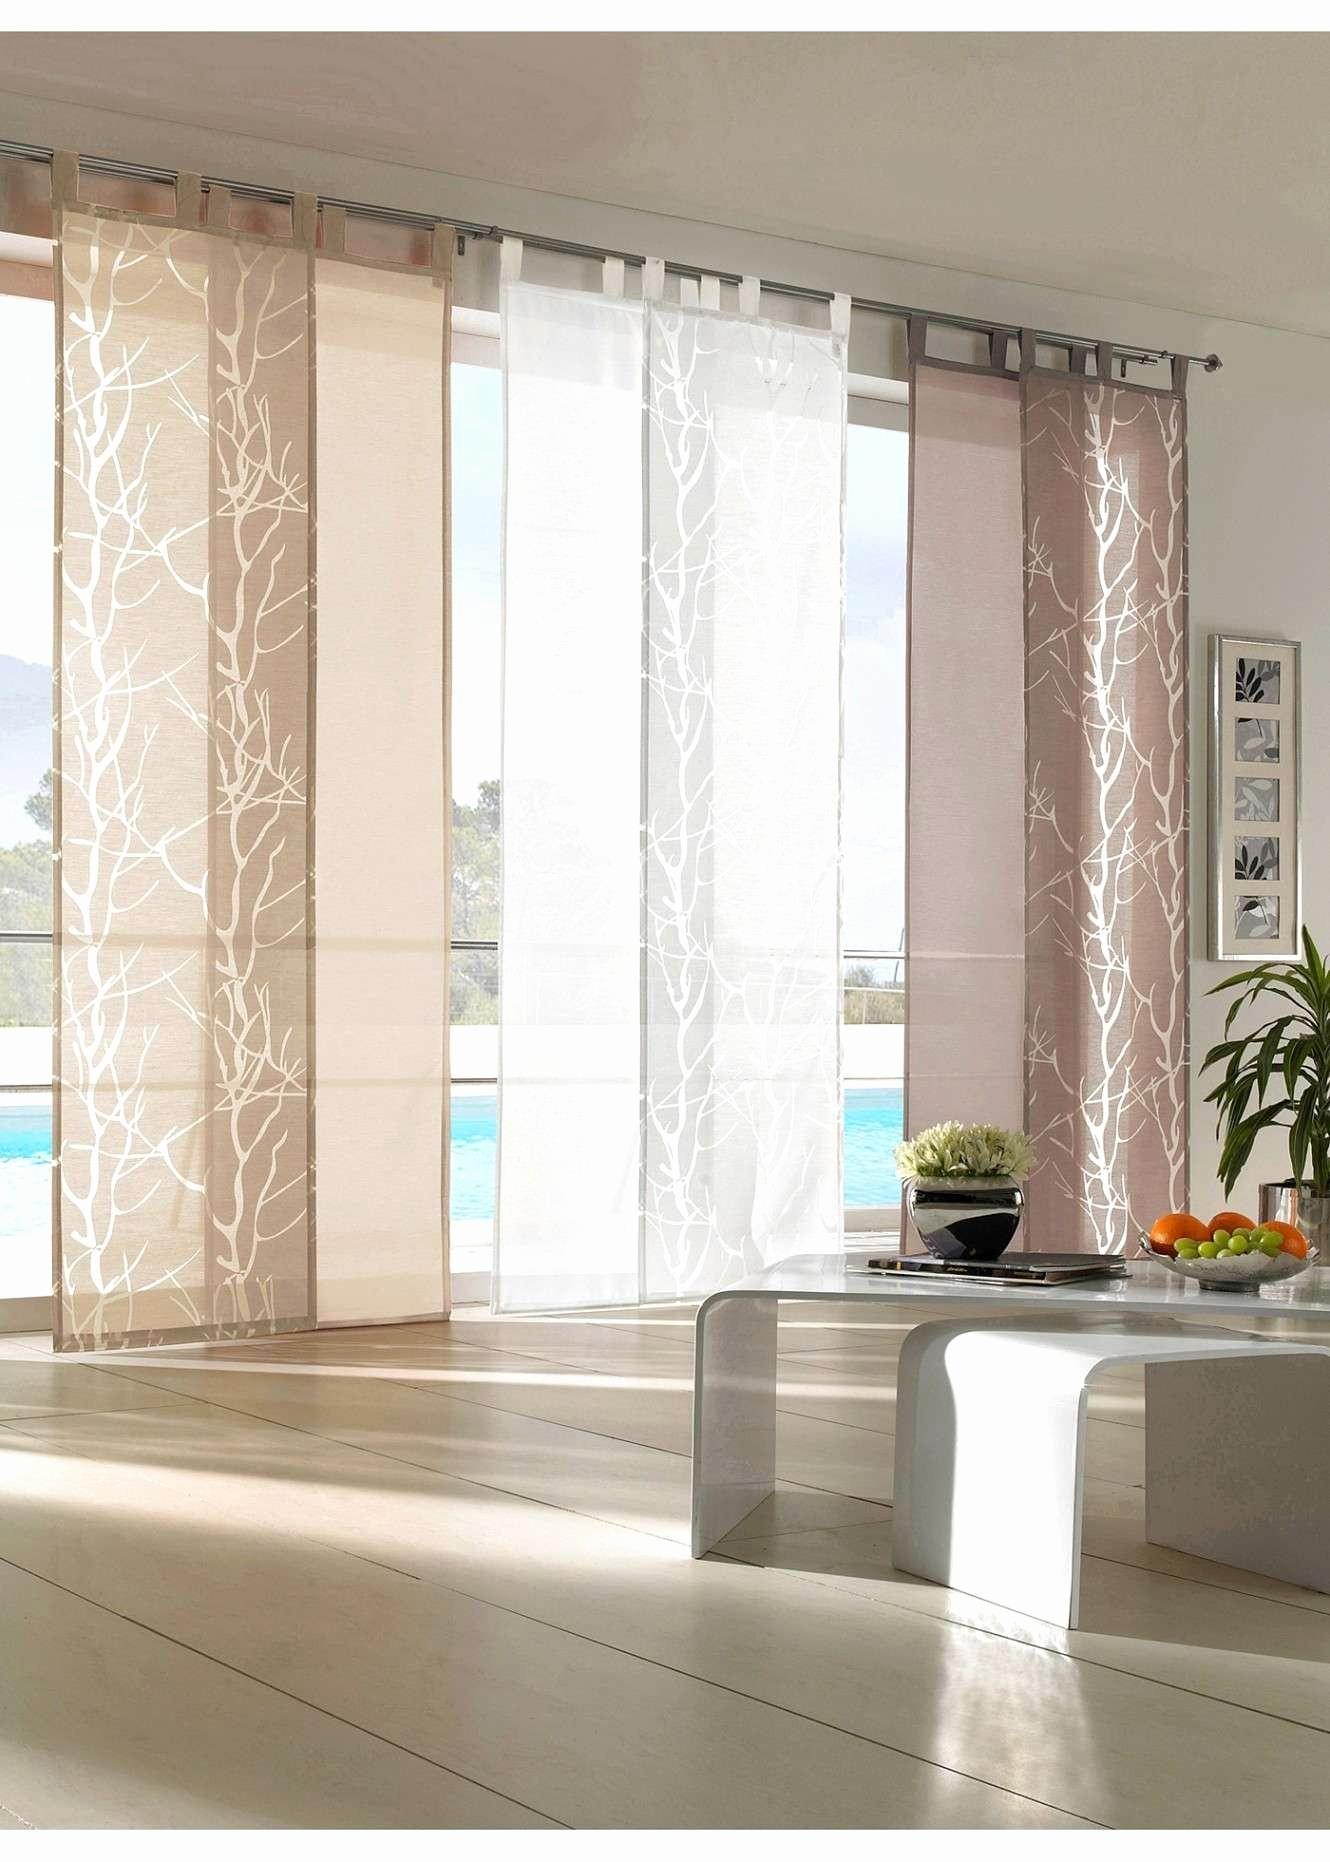 Full Size of Fenster Gardinen Ikea Zuhause Küche Kaufen Kosten Sofa Mit Schlaffunktion Modulküche Betten 160x200 Raffrollo Bei Miniküche Wohnzimmer Ikea Raffrollo